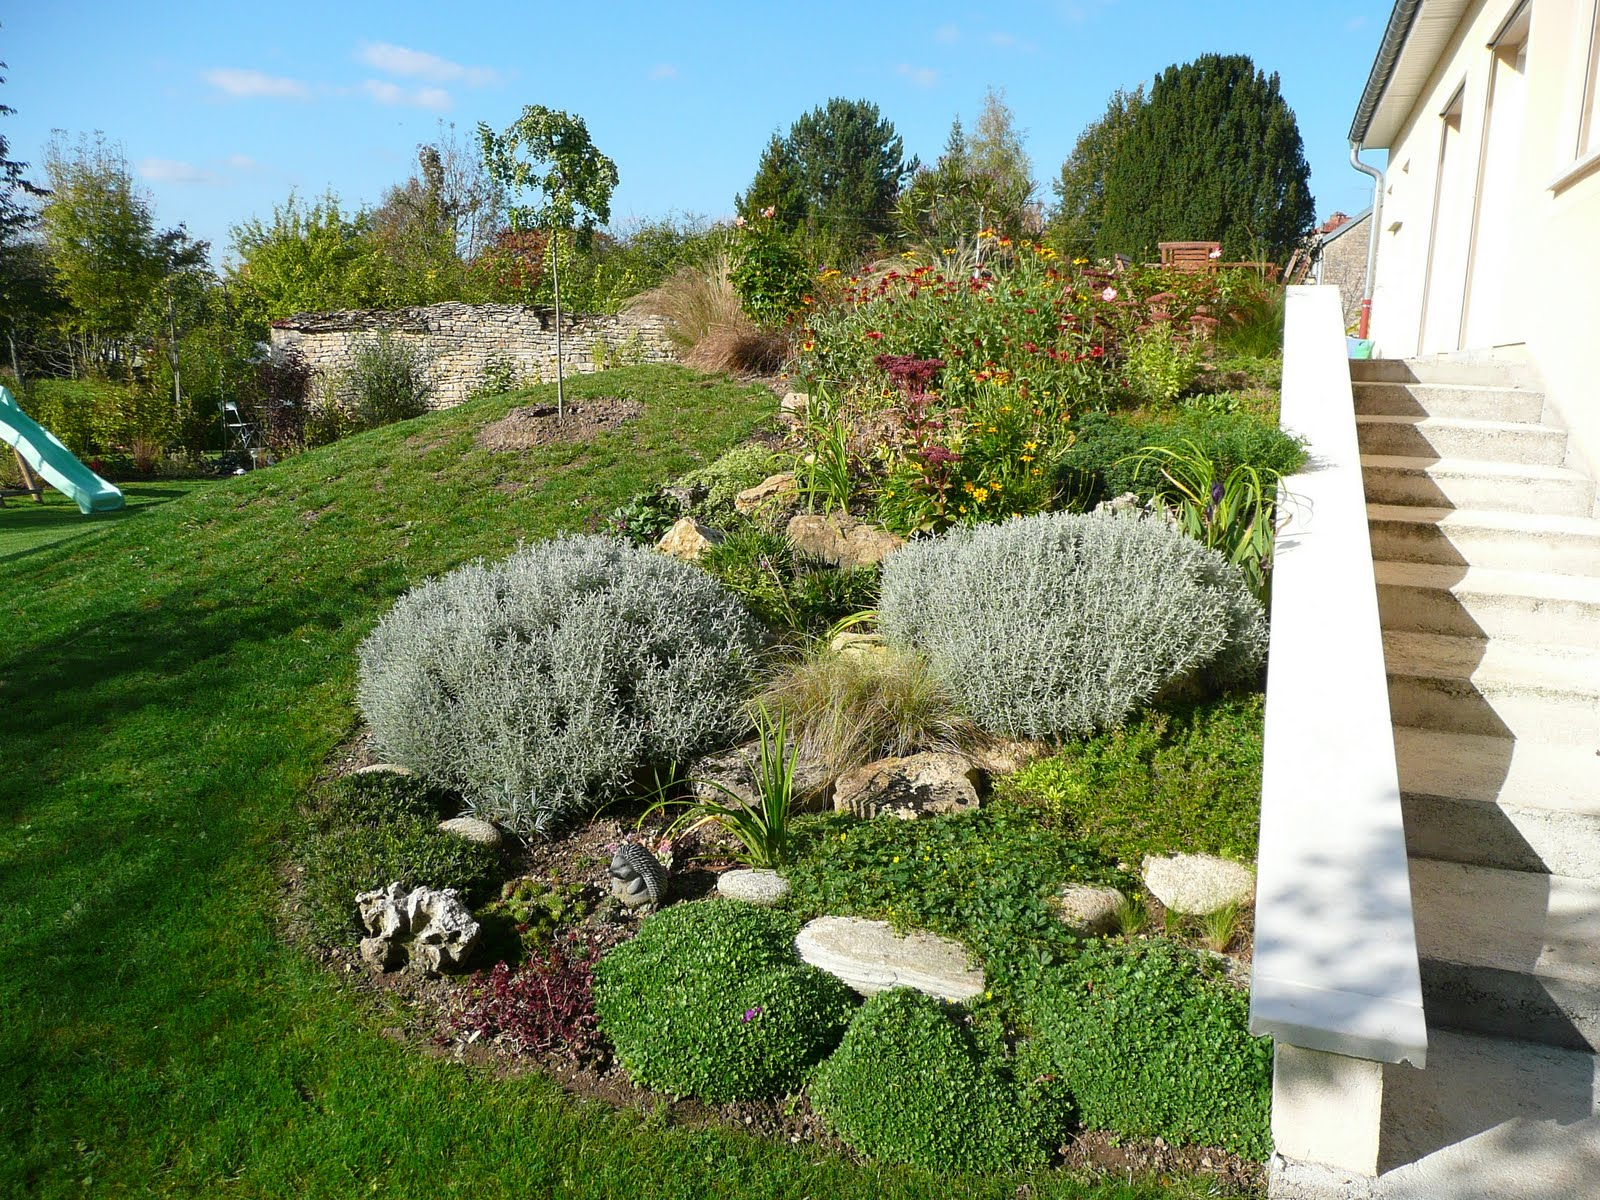 D coration jardin en pente douce amenagement besancon 2233 besancon jardin - Deco jardin cailloux besancon ...